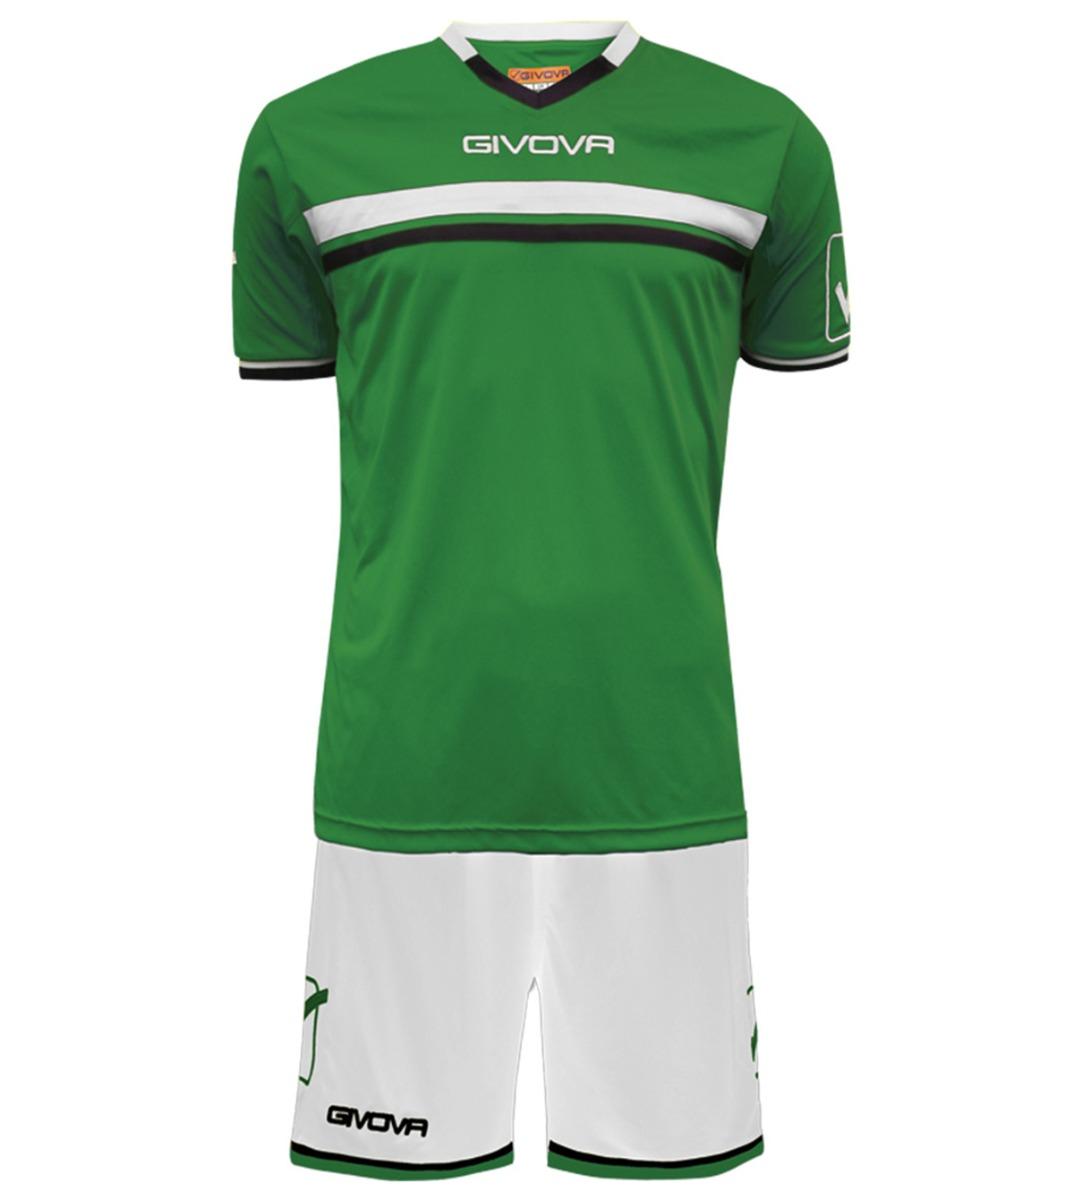 Kit-Game-Calcio-Sport-GIVOVA-Abbigliamento-Sportivo-Uomo-Calcistico-GIOSAL miniatura 17